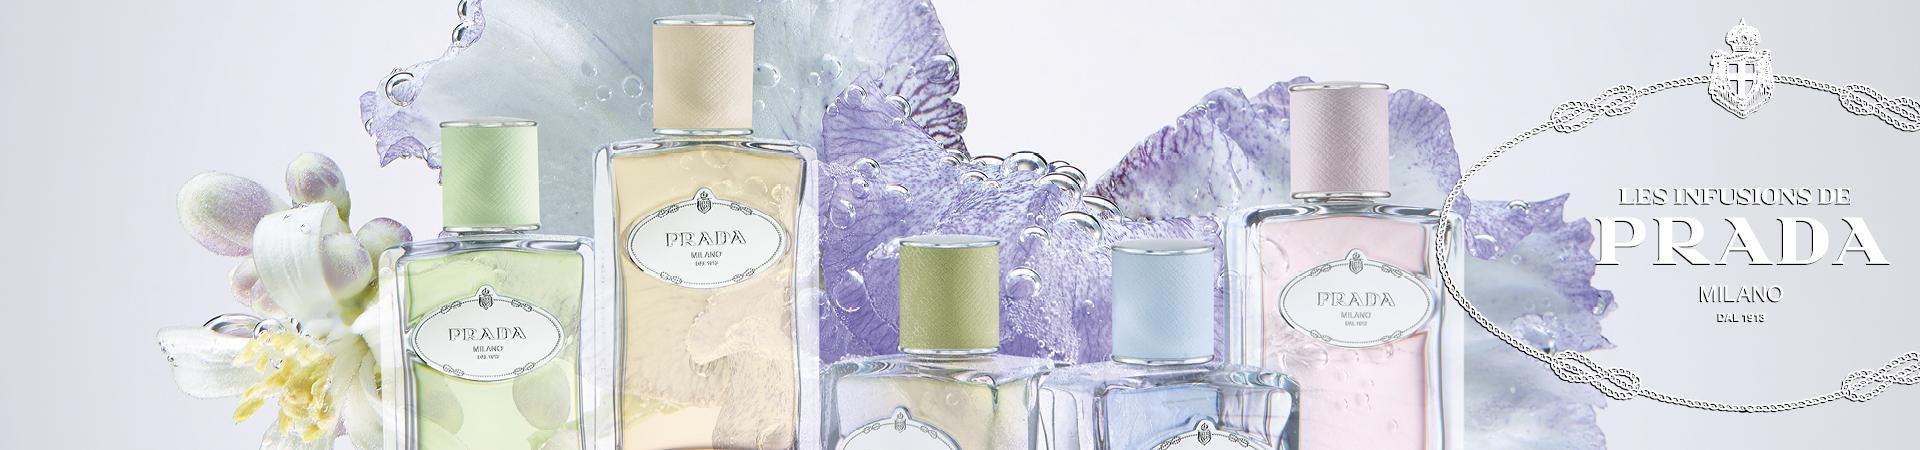 Unisex parfum